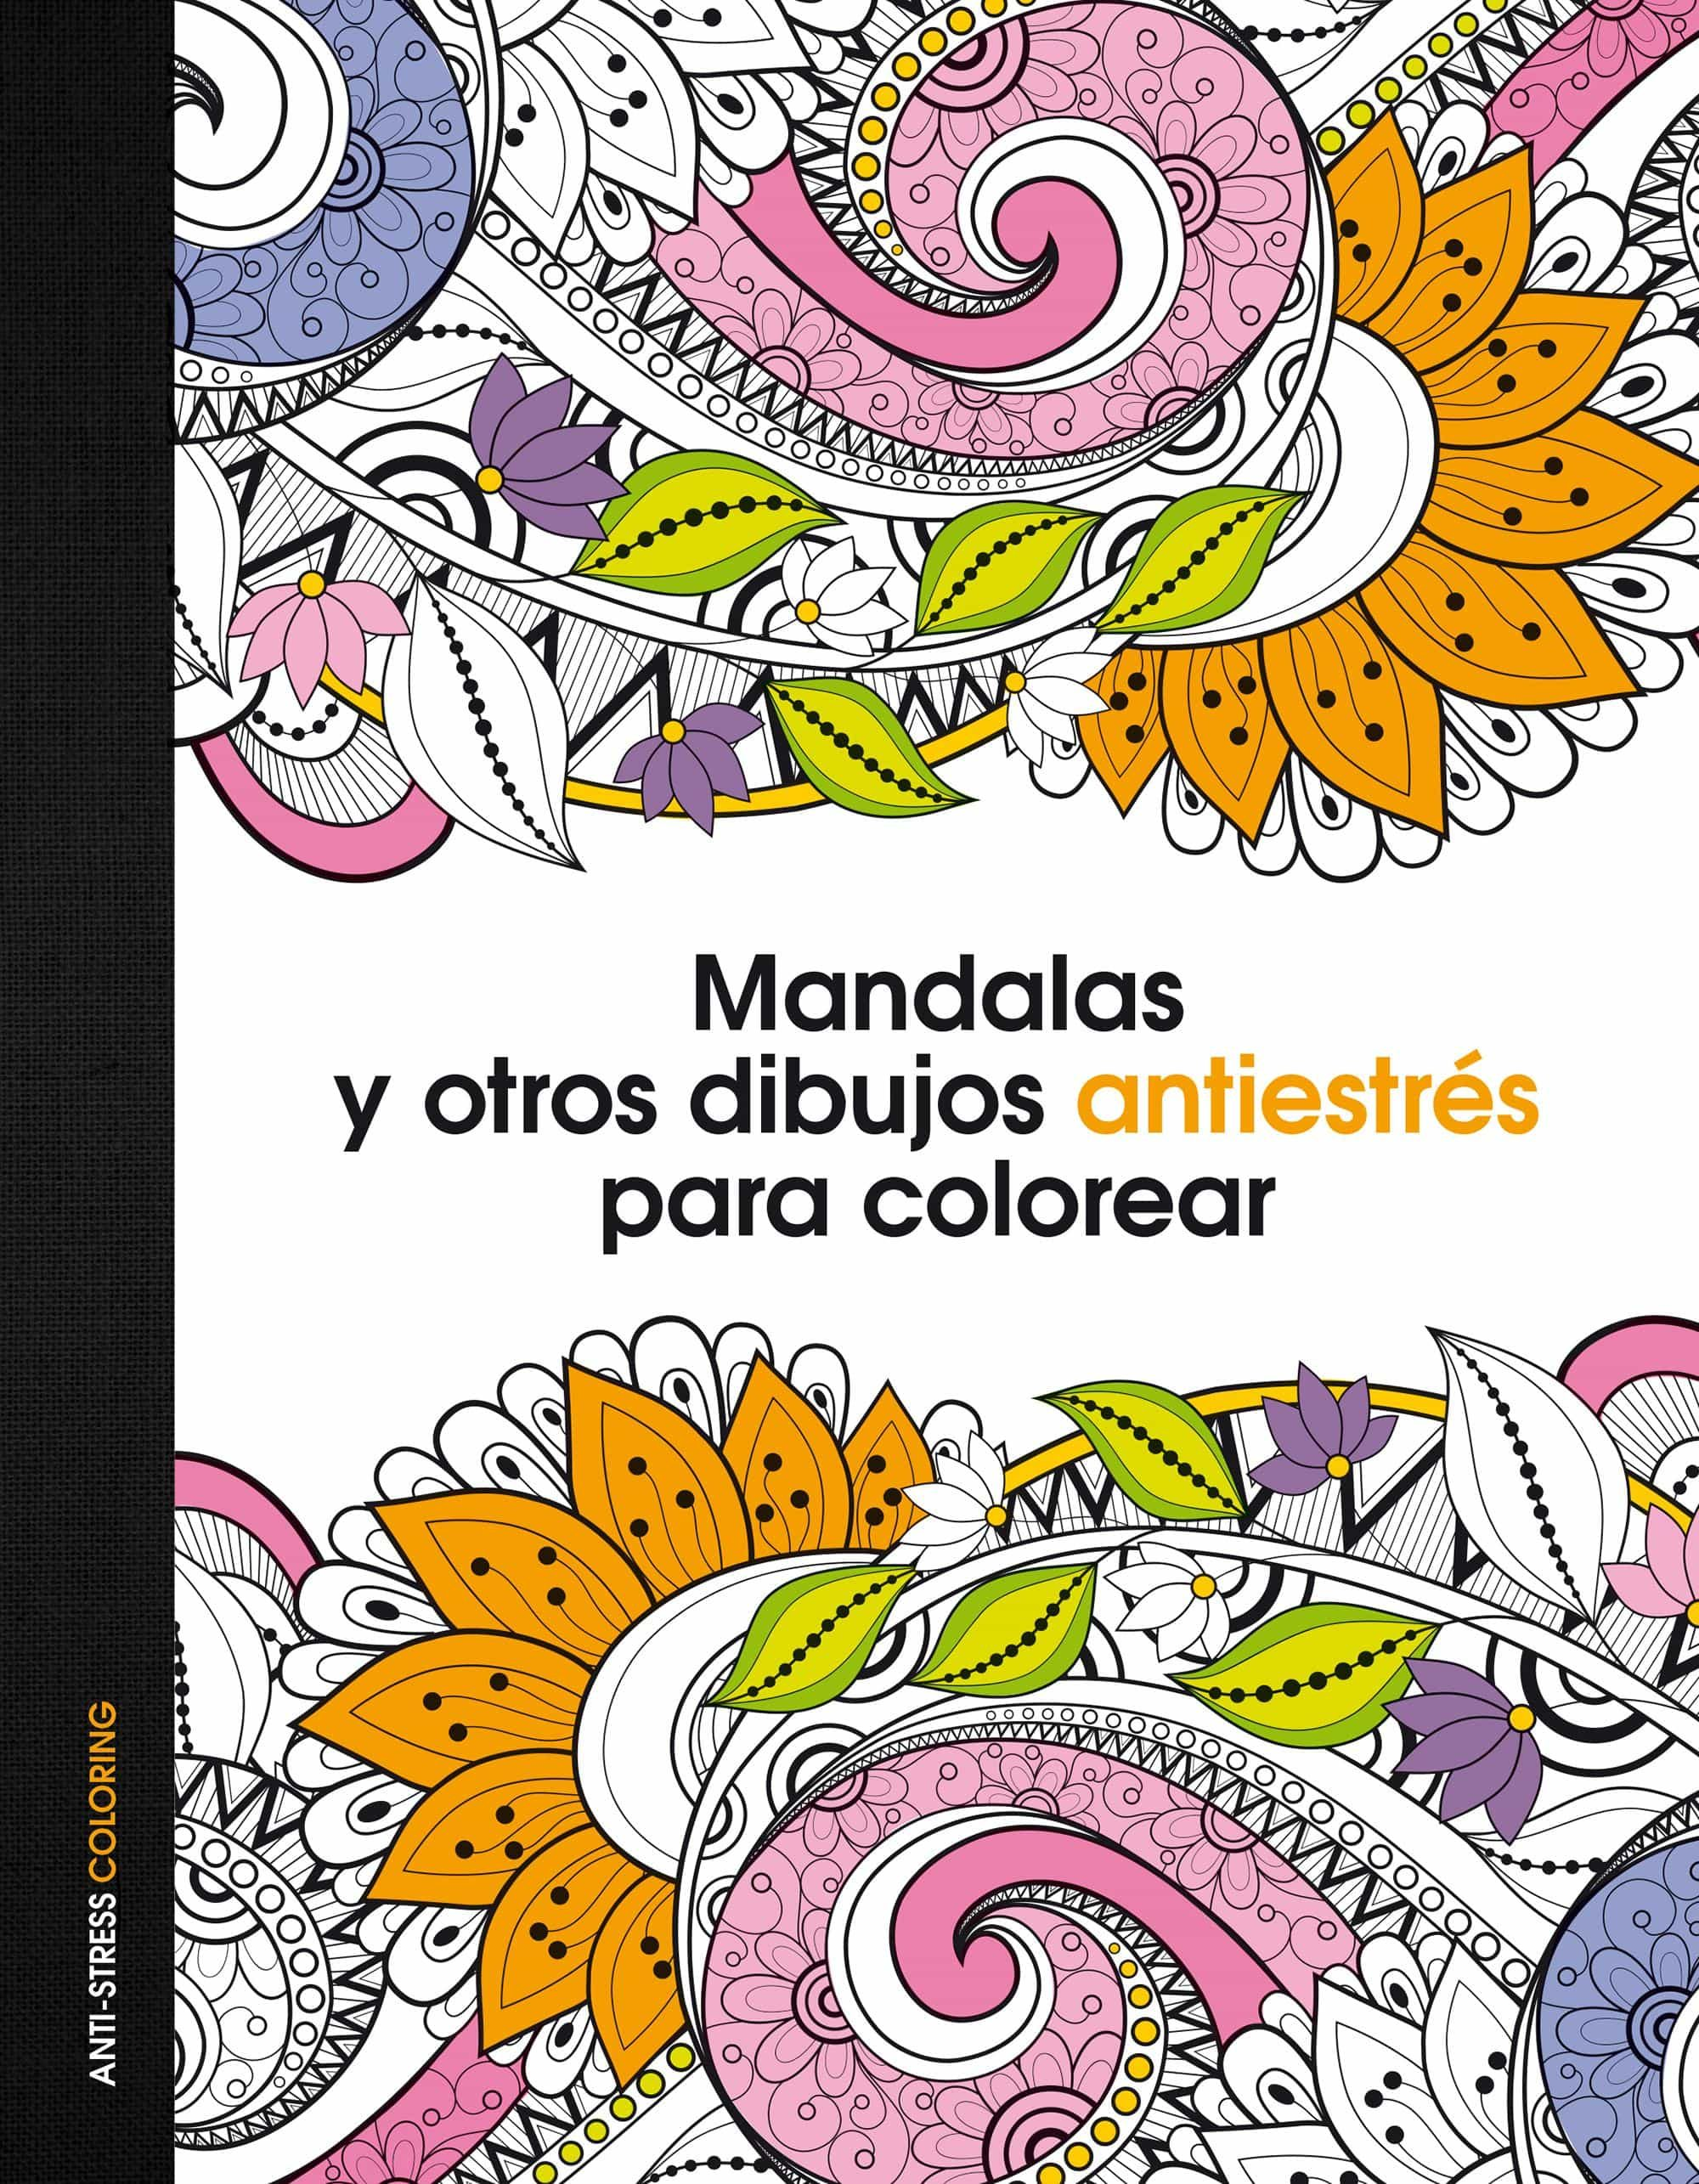 MANDALAS Y OTROS DIBUJOS ANTIESTRES PARA COLOREAR | VV.AA. | Comprar ...